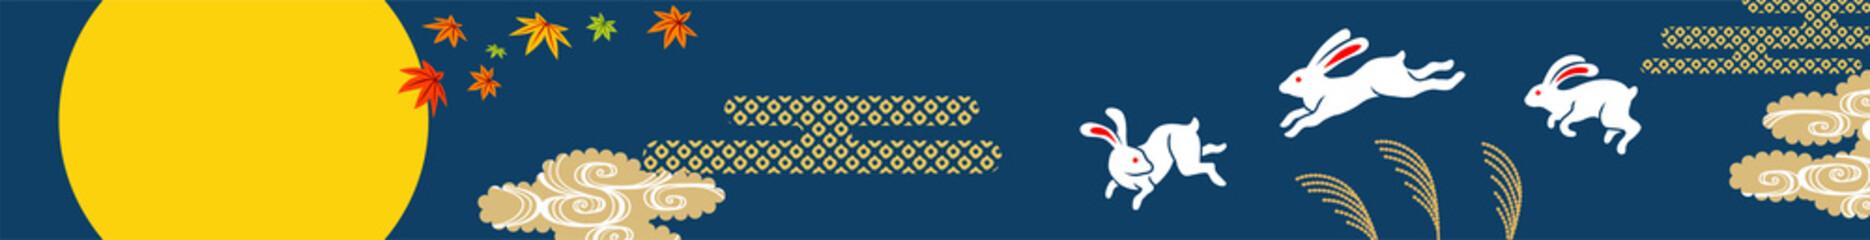 十五夜イメージイラスト - 跳ねる三羽のウサギと和の背景 横長 青色背景